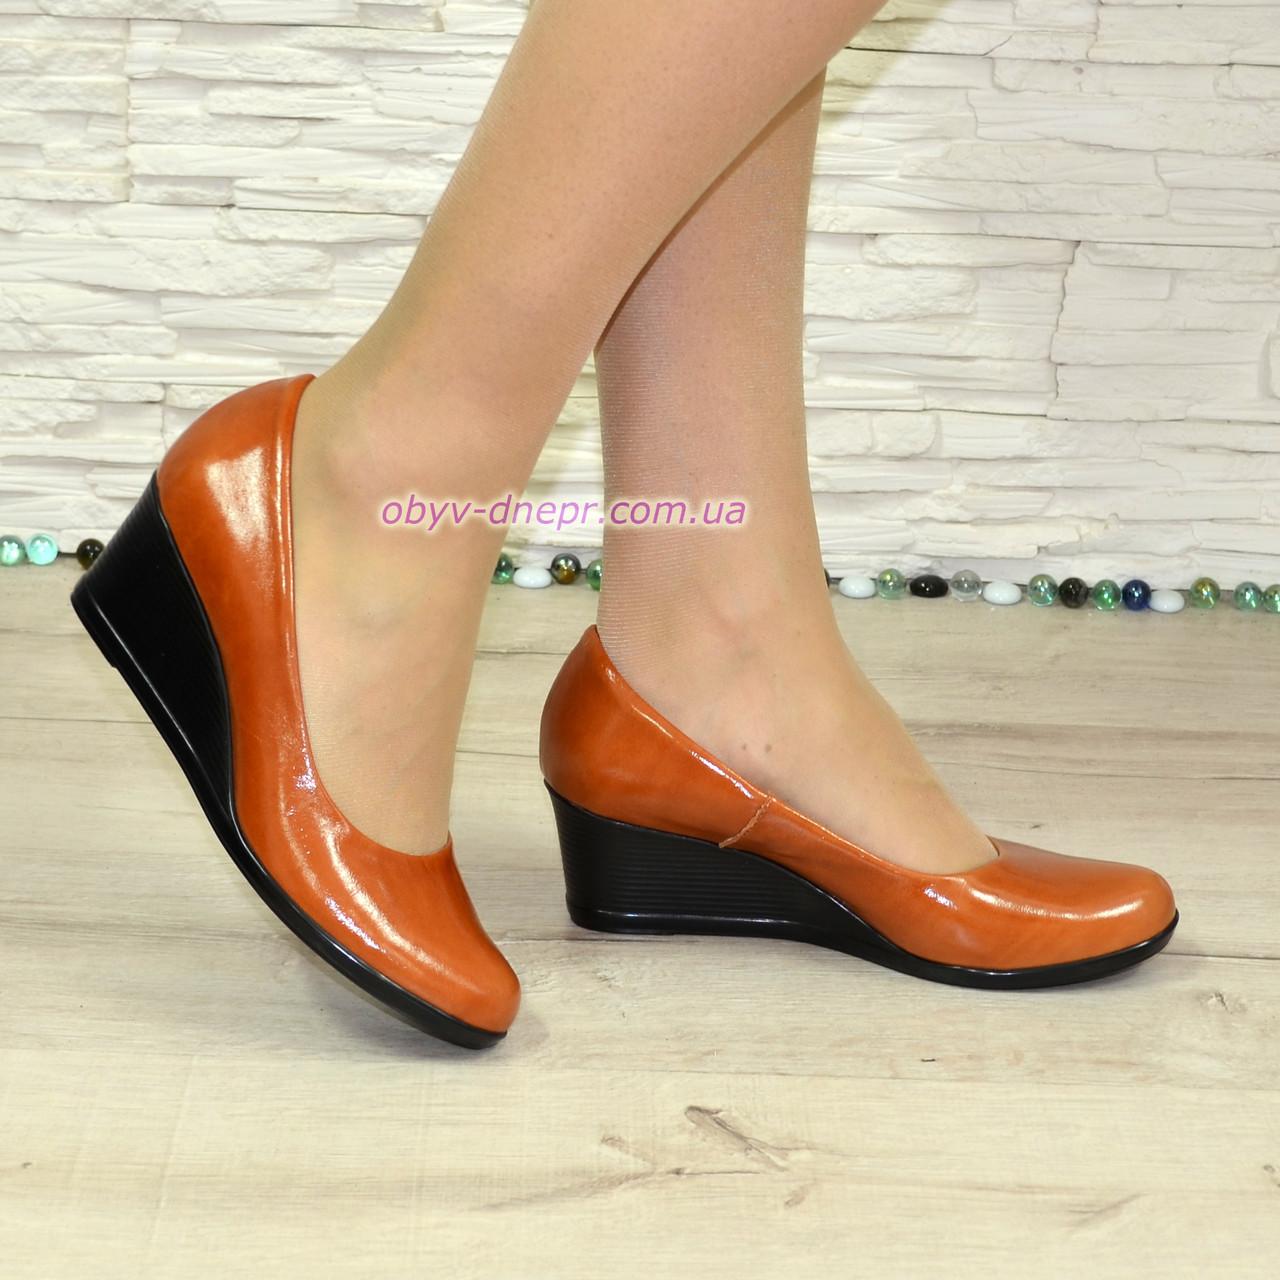 Женские кожаные туфли на невысокой танкетке, цвет рыжий